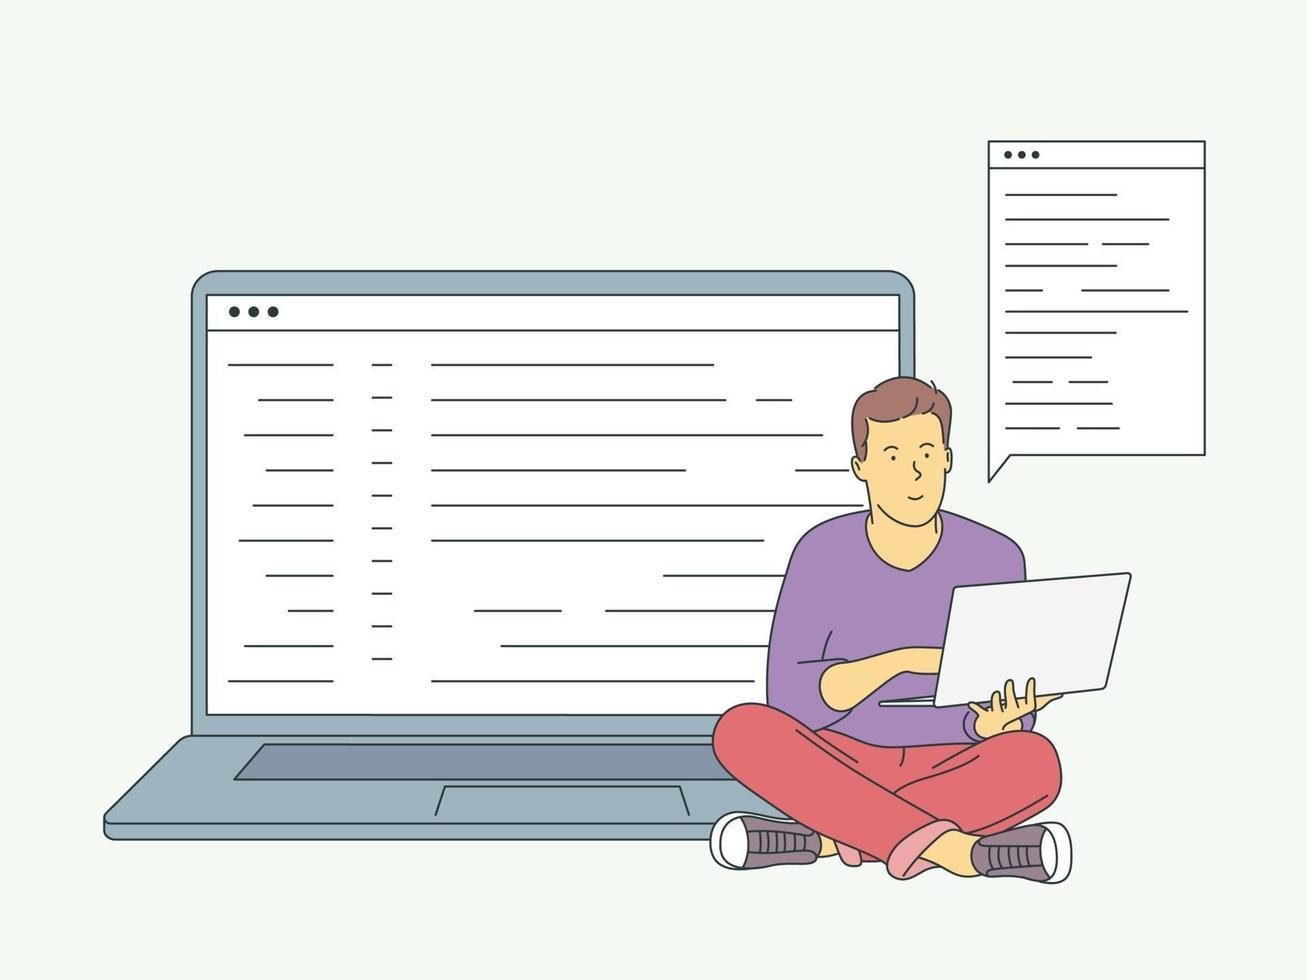 site, programação, conceito de desenvolvimento. jovem programador freelancer, codificação com laptop. ilustração vetorial plana vetor